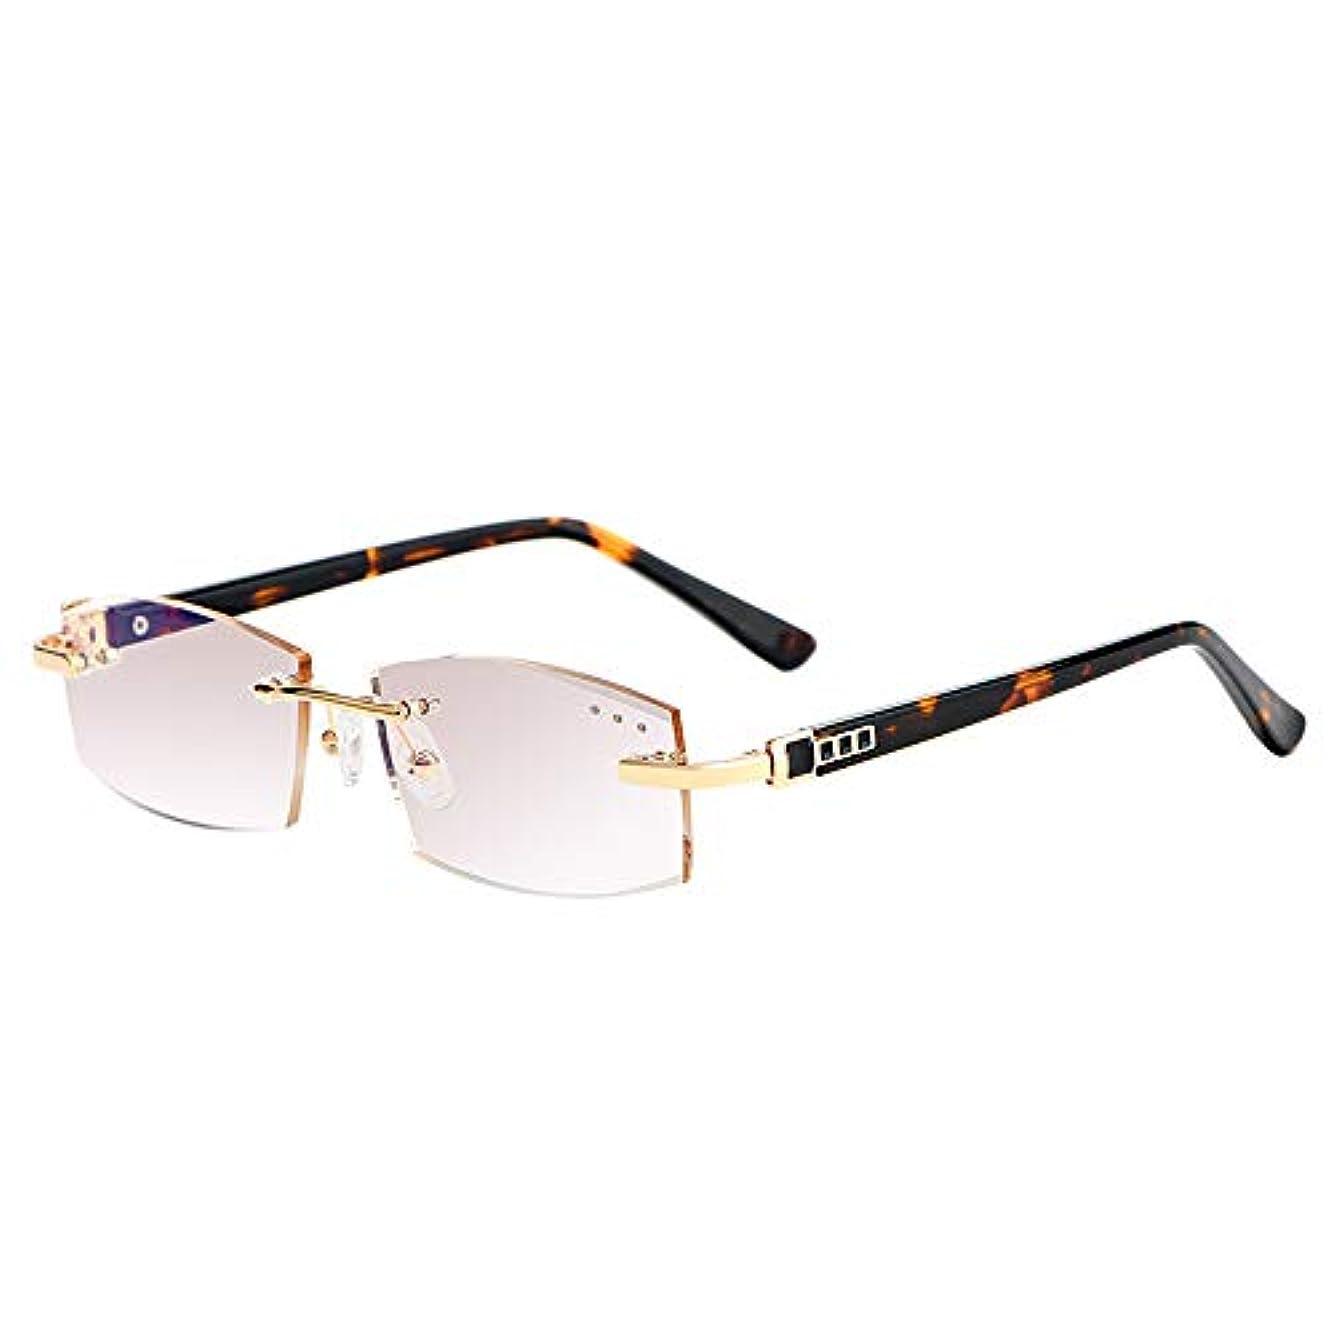 アンチブルー老眼鏡、高精細UV紫外線防止フレームレス超軽量老眼鏡、メンズポータブル老眼鏡